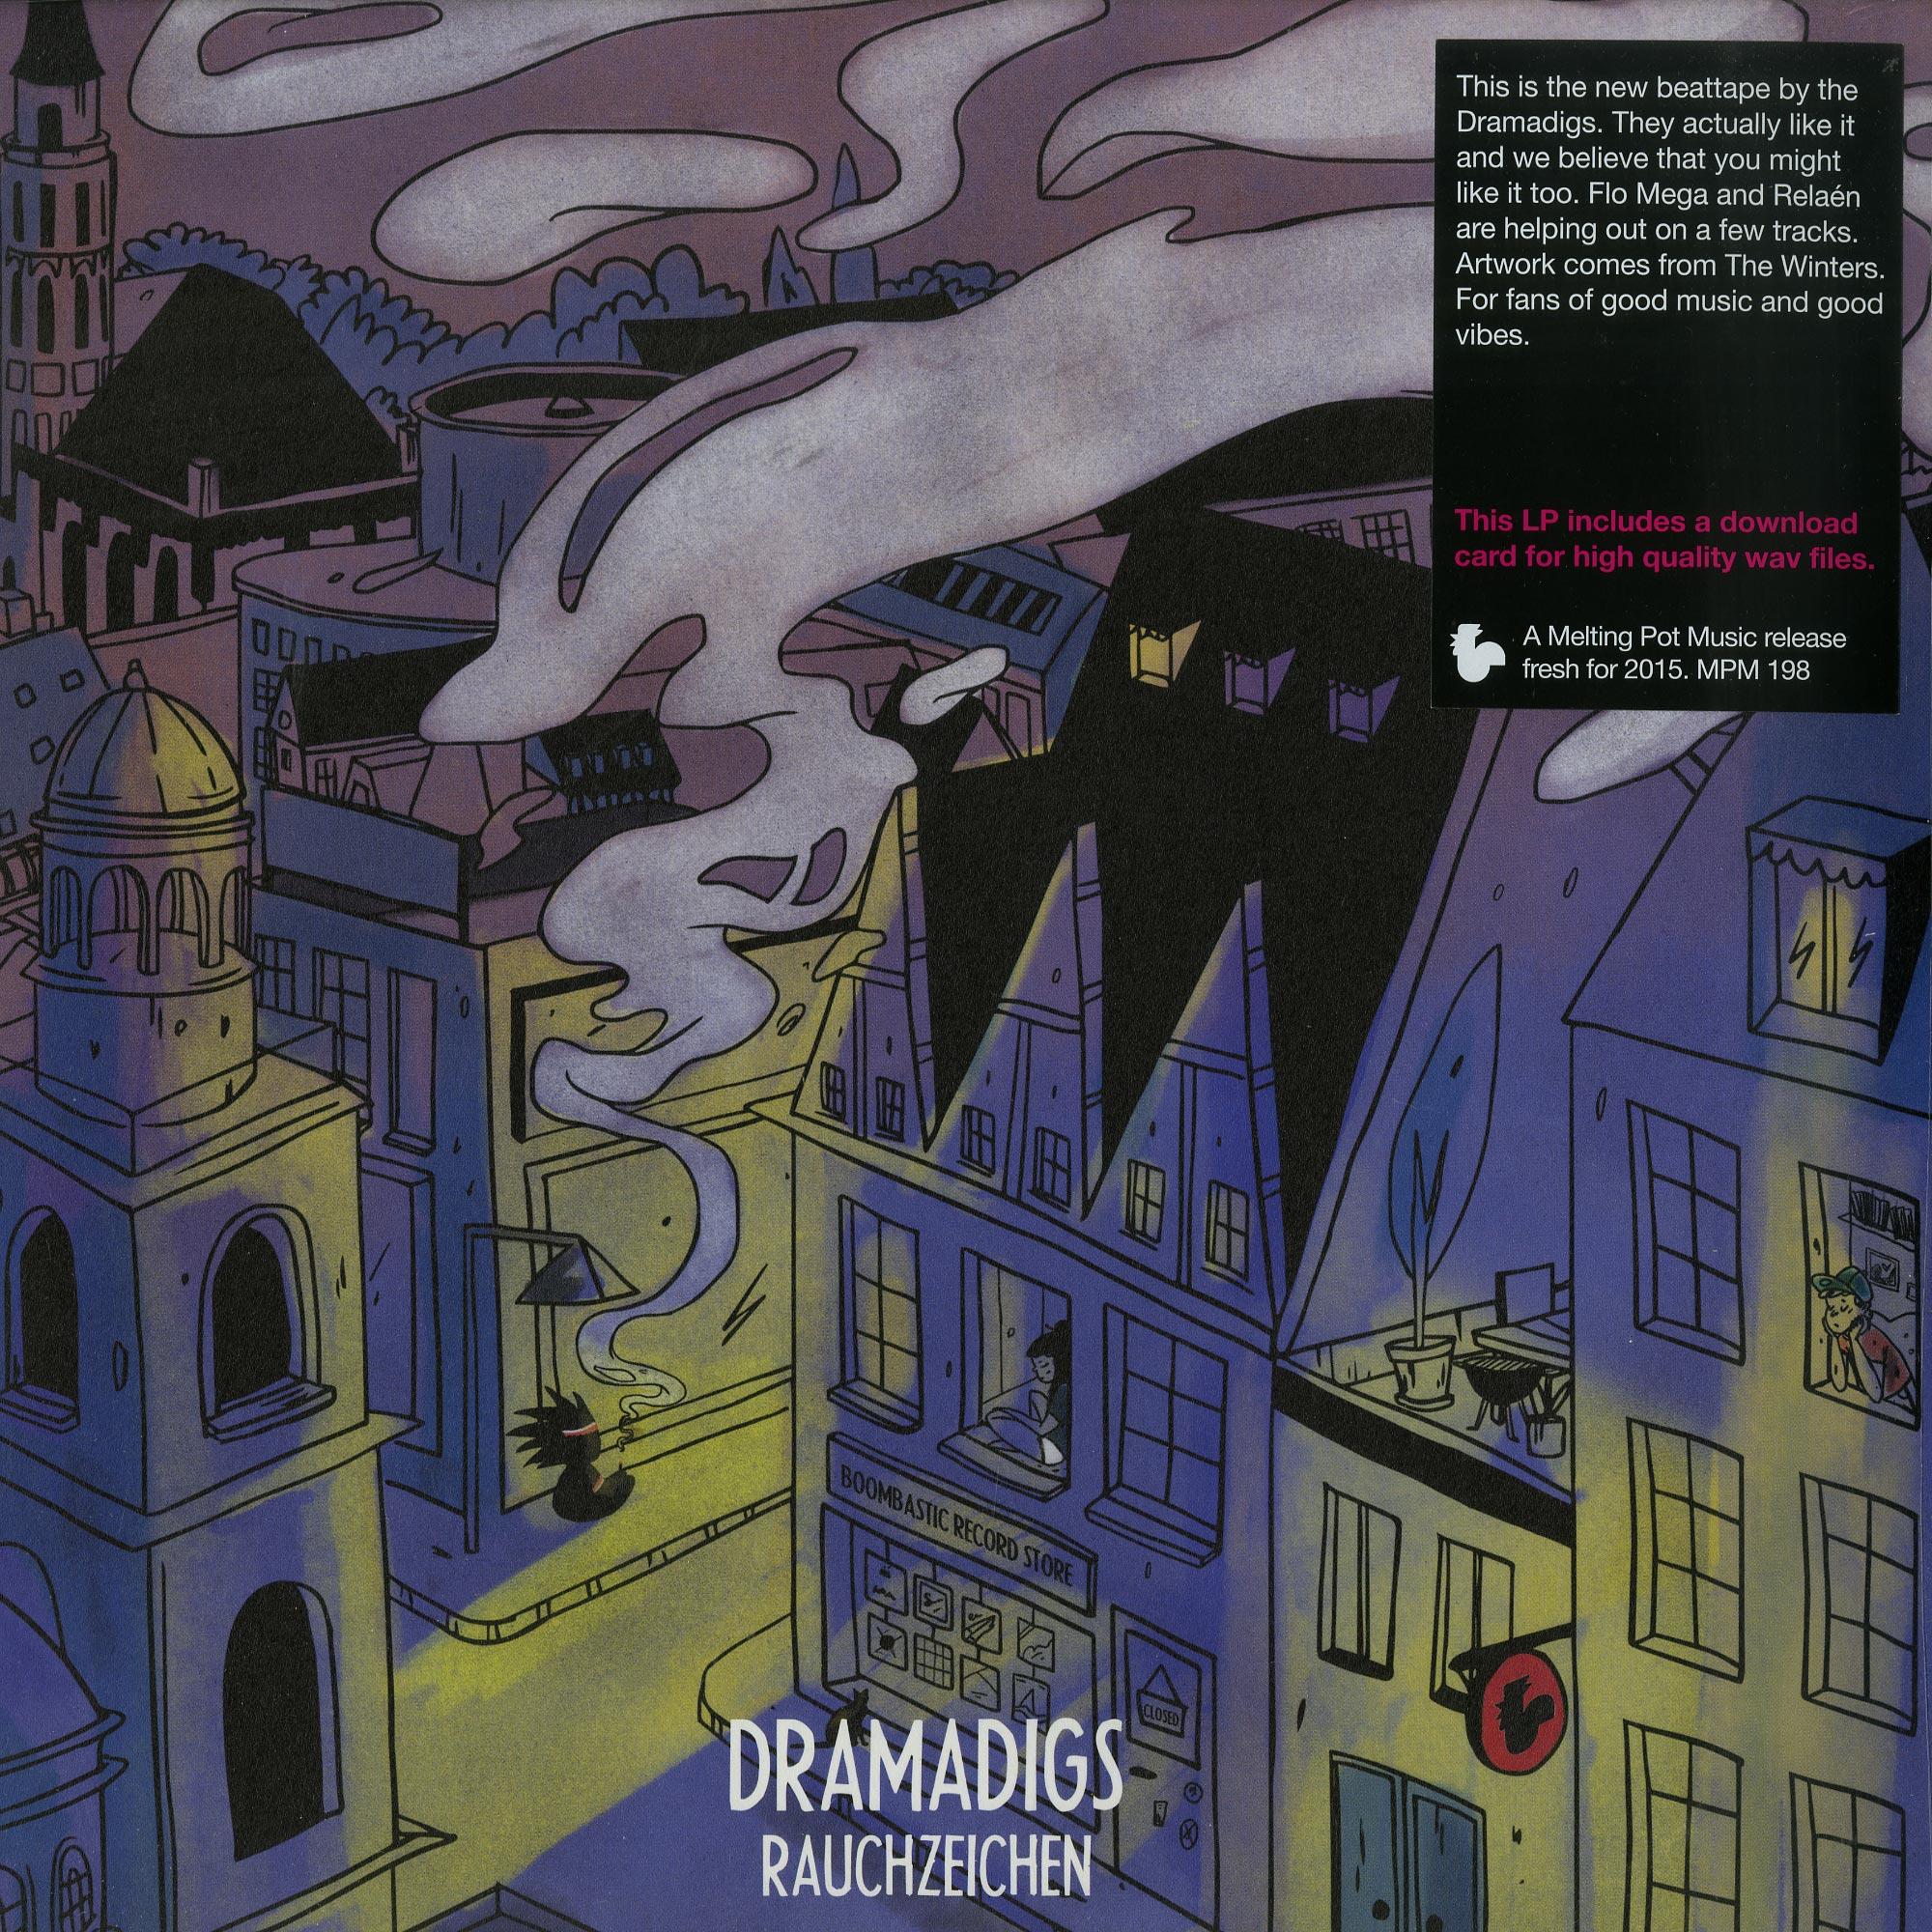 Dramadigs - RAUCHZEICHEN